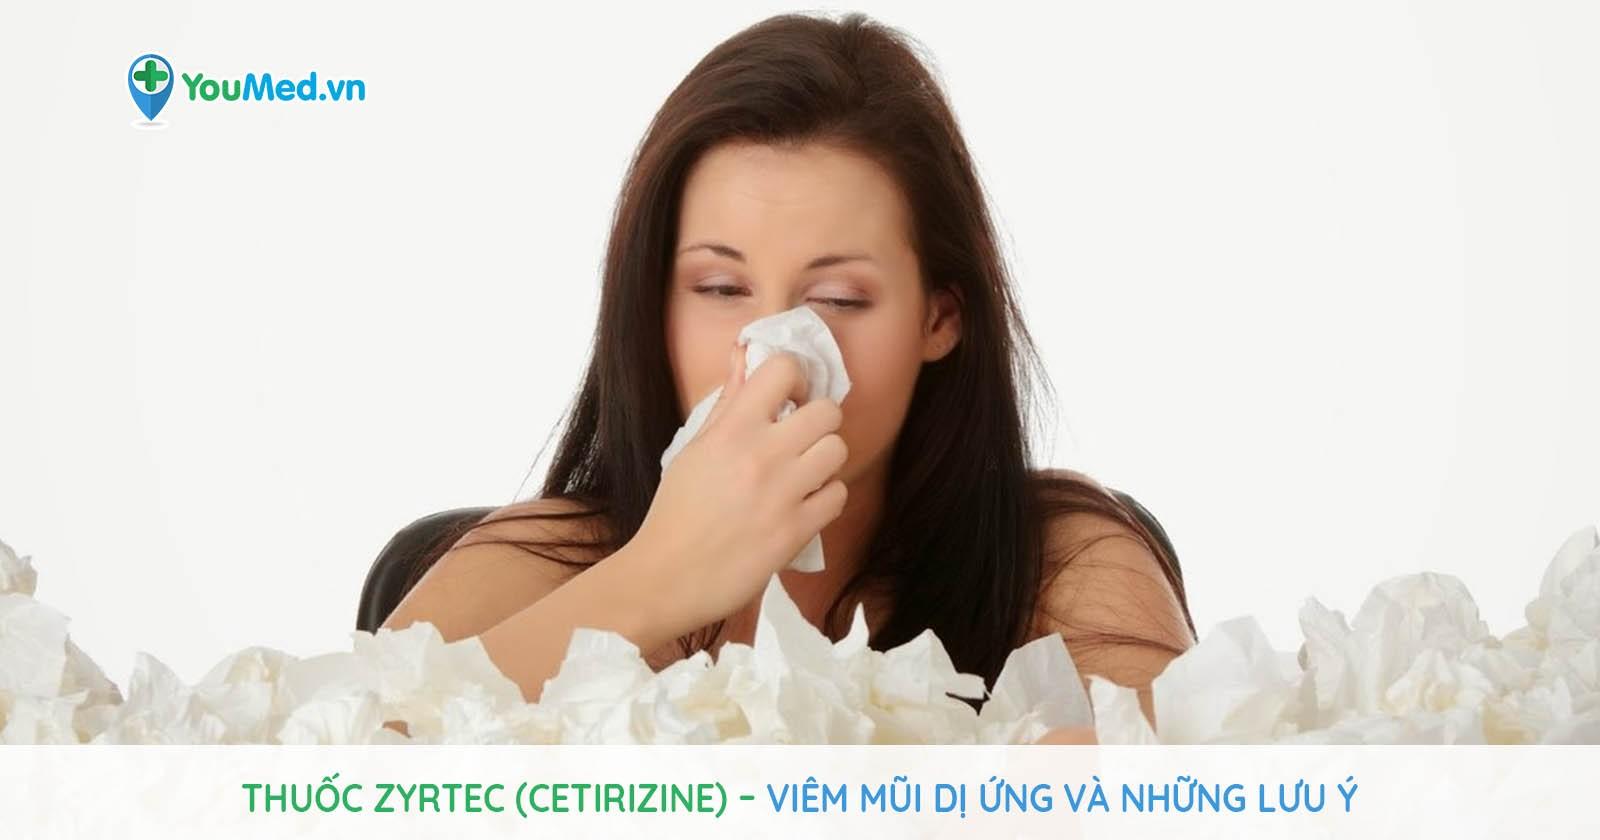 Thuốc Zyrtec (cetirizine) – Viêm mũi dị ứng và những lưu ý